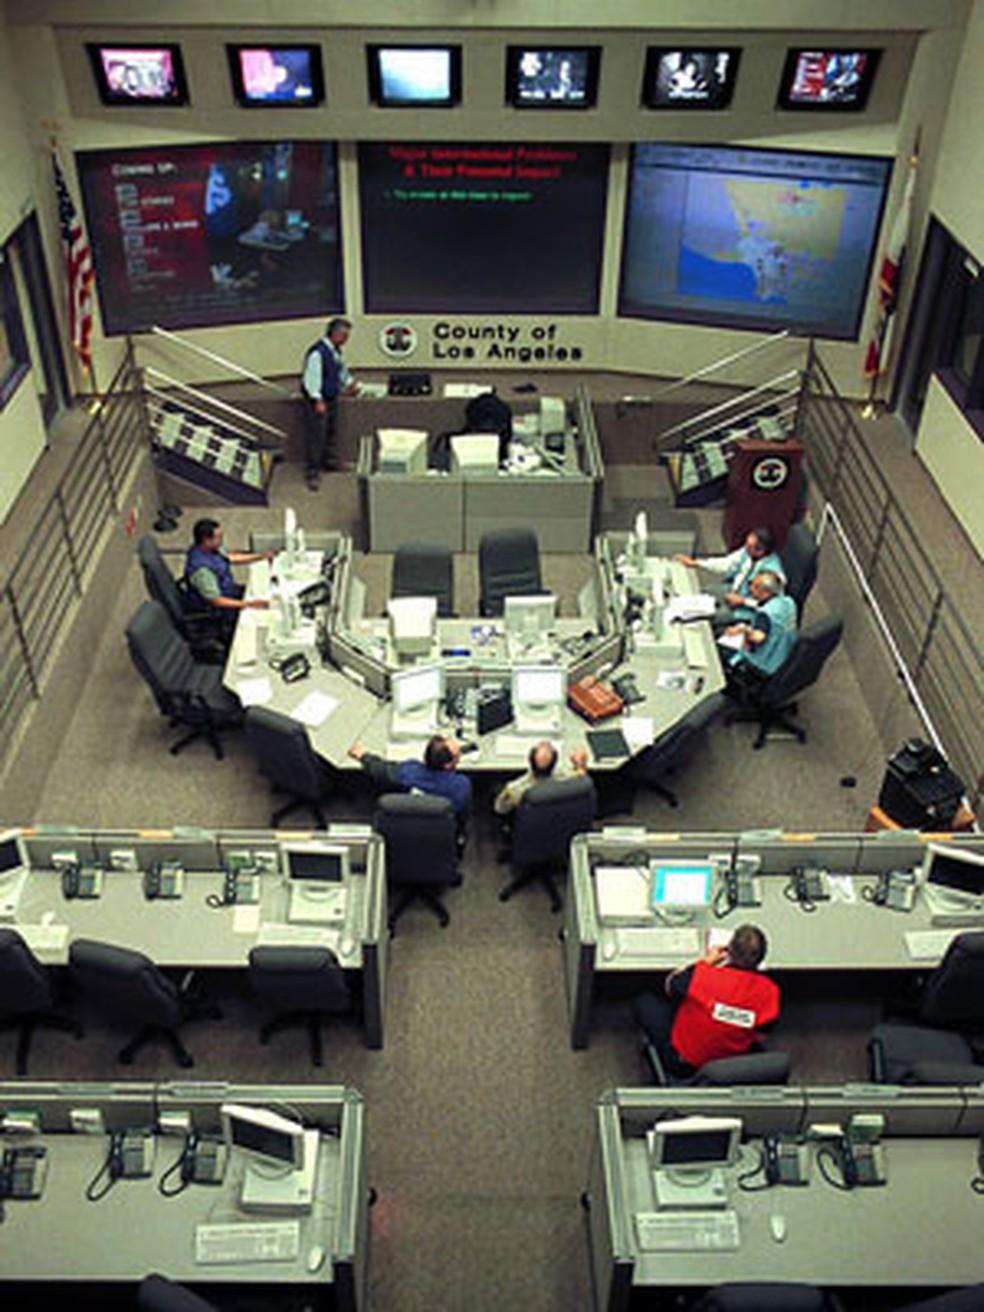 Central de operações contra o 'bug do milênio' em Los Angeles, nos EUA — Foto: Jim Ruymen/AFP/Arquivo